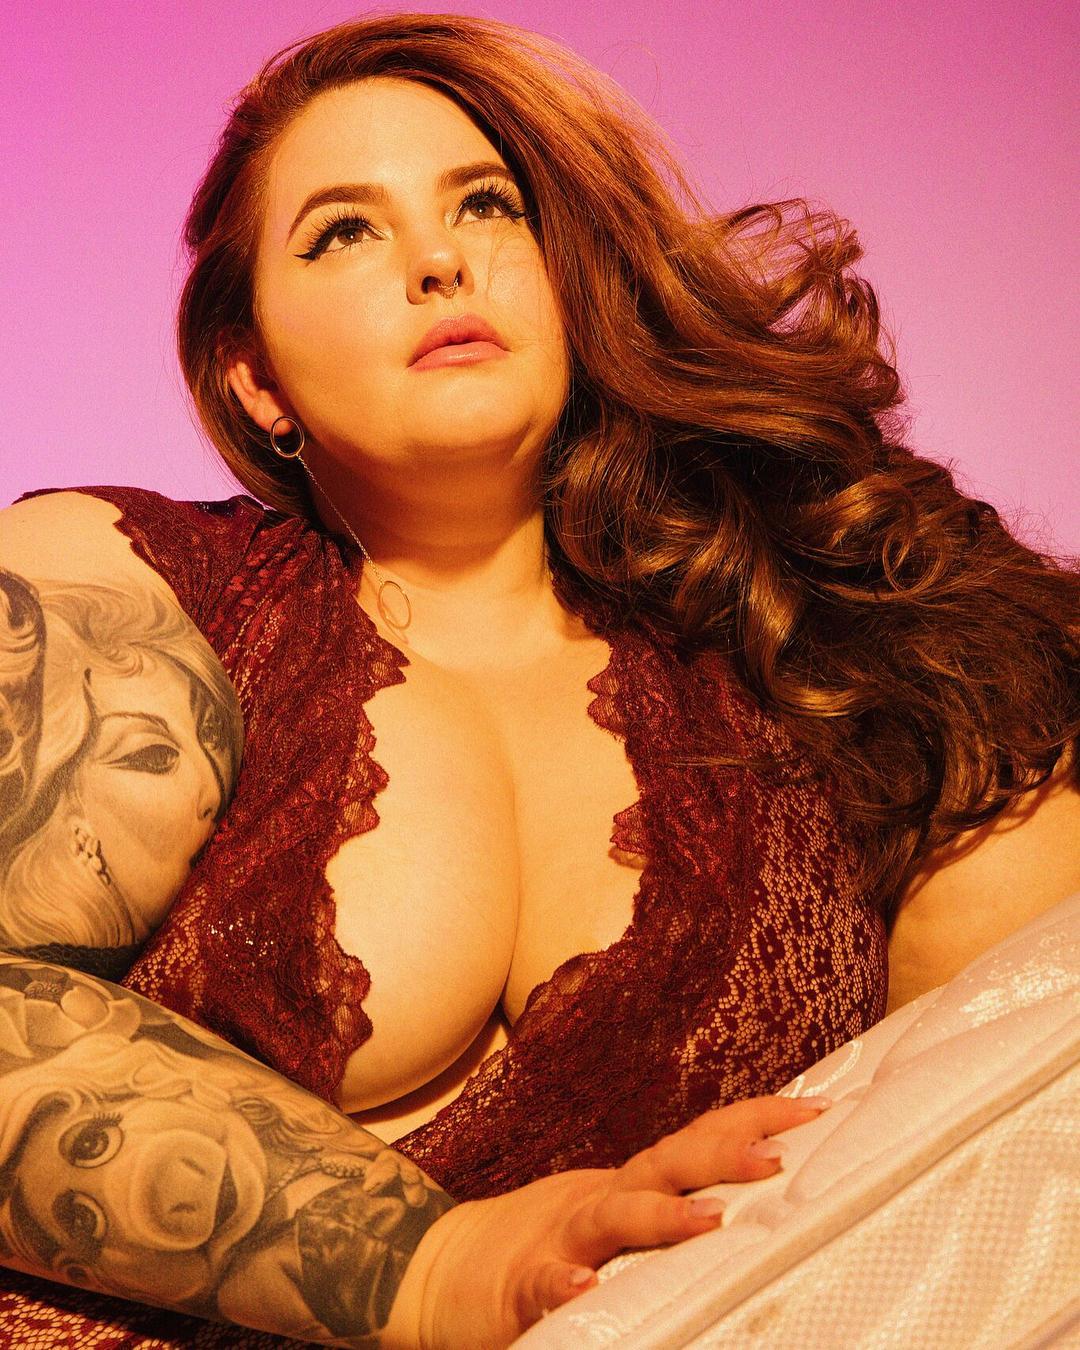 Тесс Холлидей весит 155 кг, но это не мешает ей покорять мир своими формами и стилем